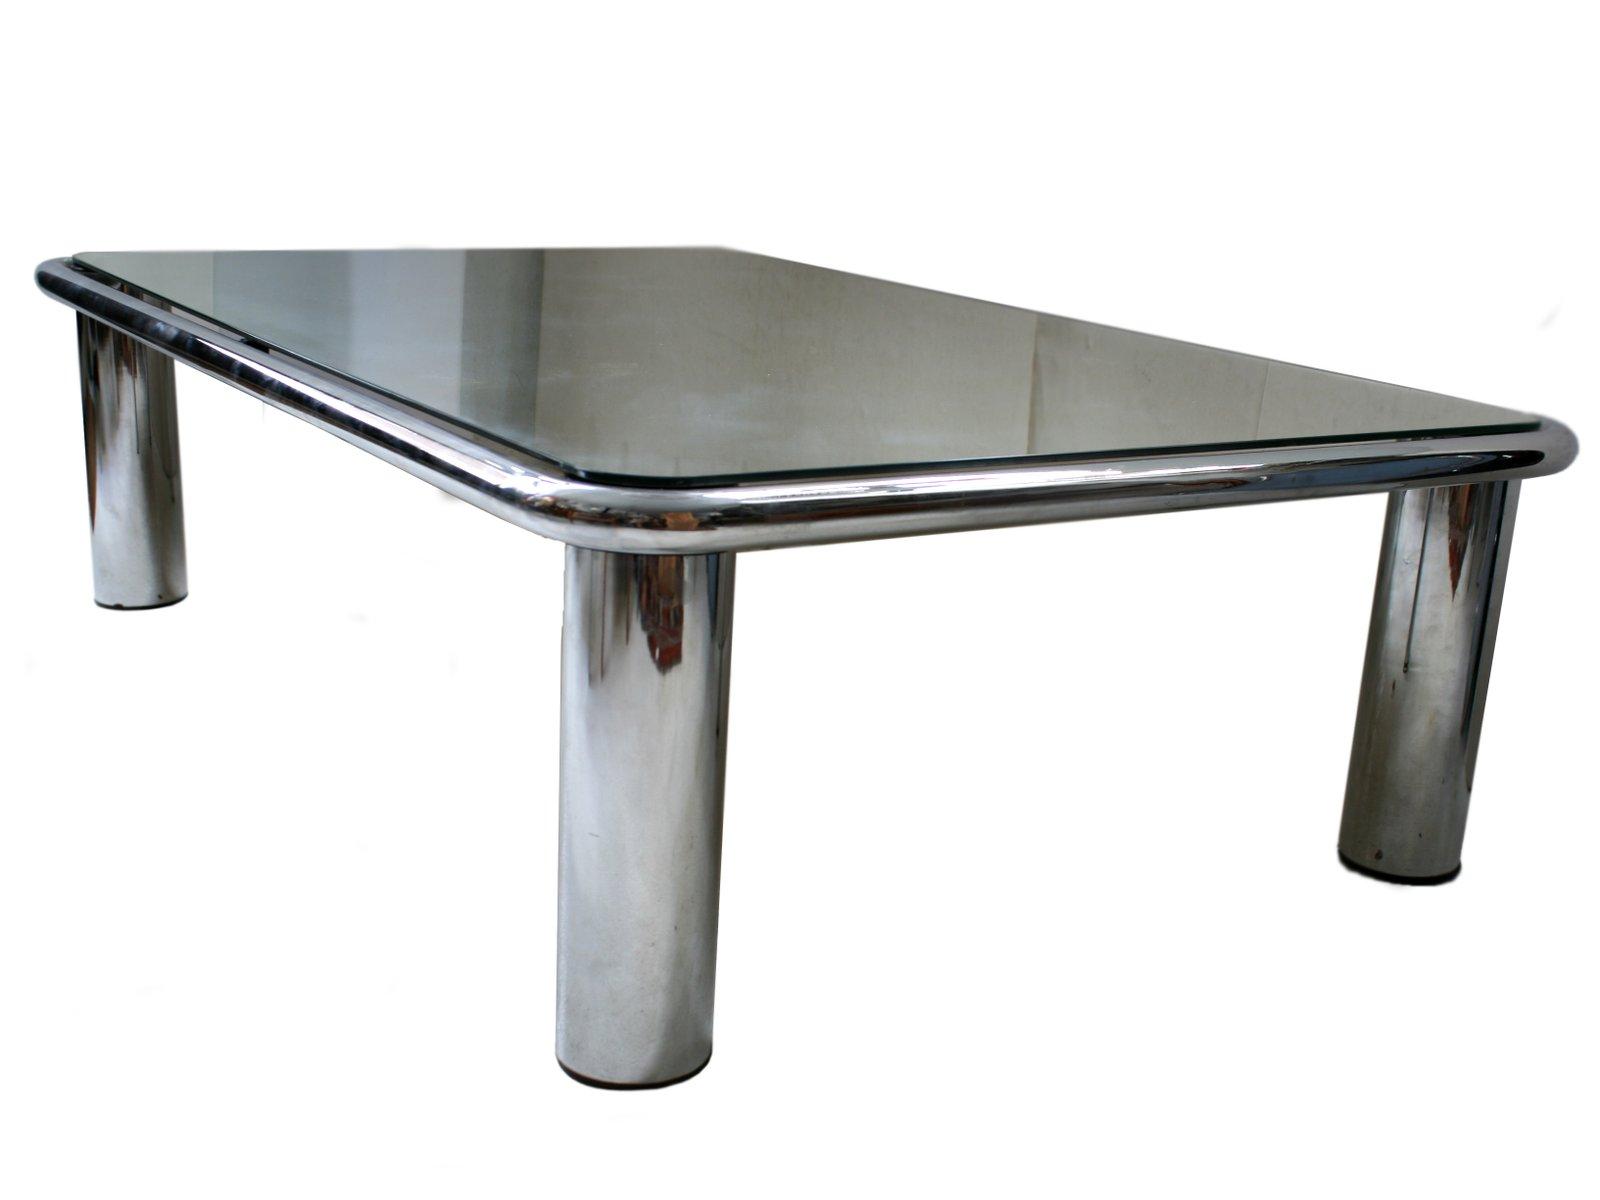 table basse miroir par mario bellini pour c&b italia en vente sur